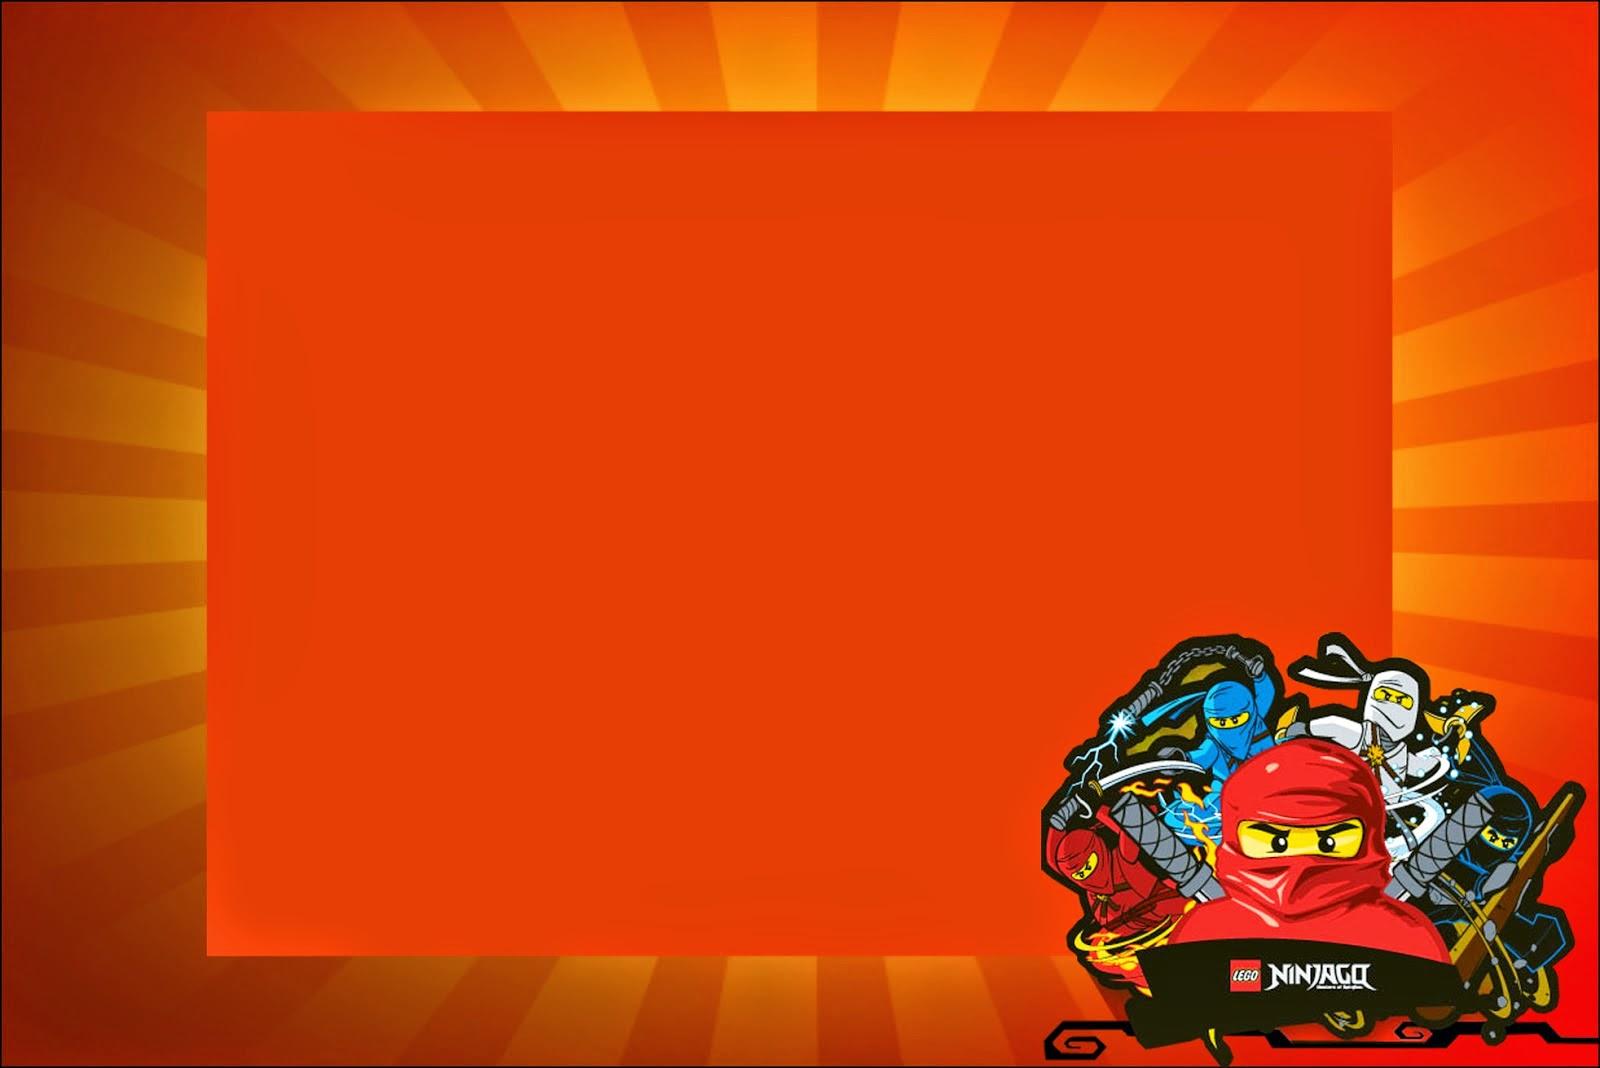 Para hacer invitaciones, tarjetas, marcos de fotos o etiquetas, para imprimir gratis de Ninjago.